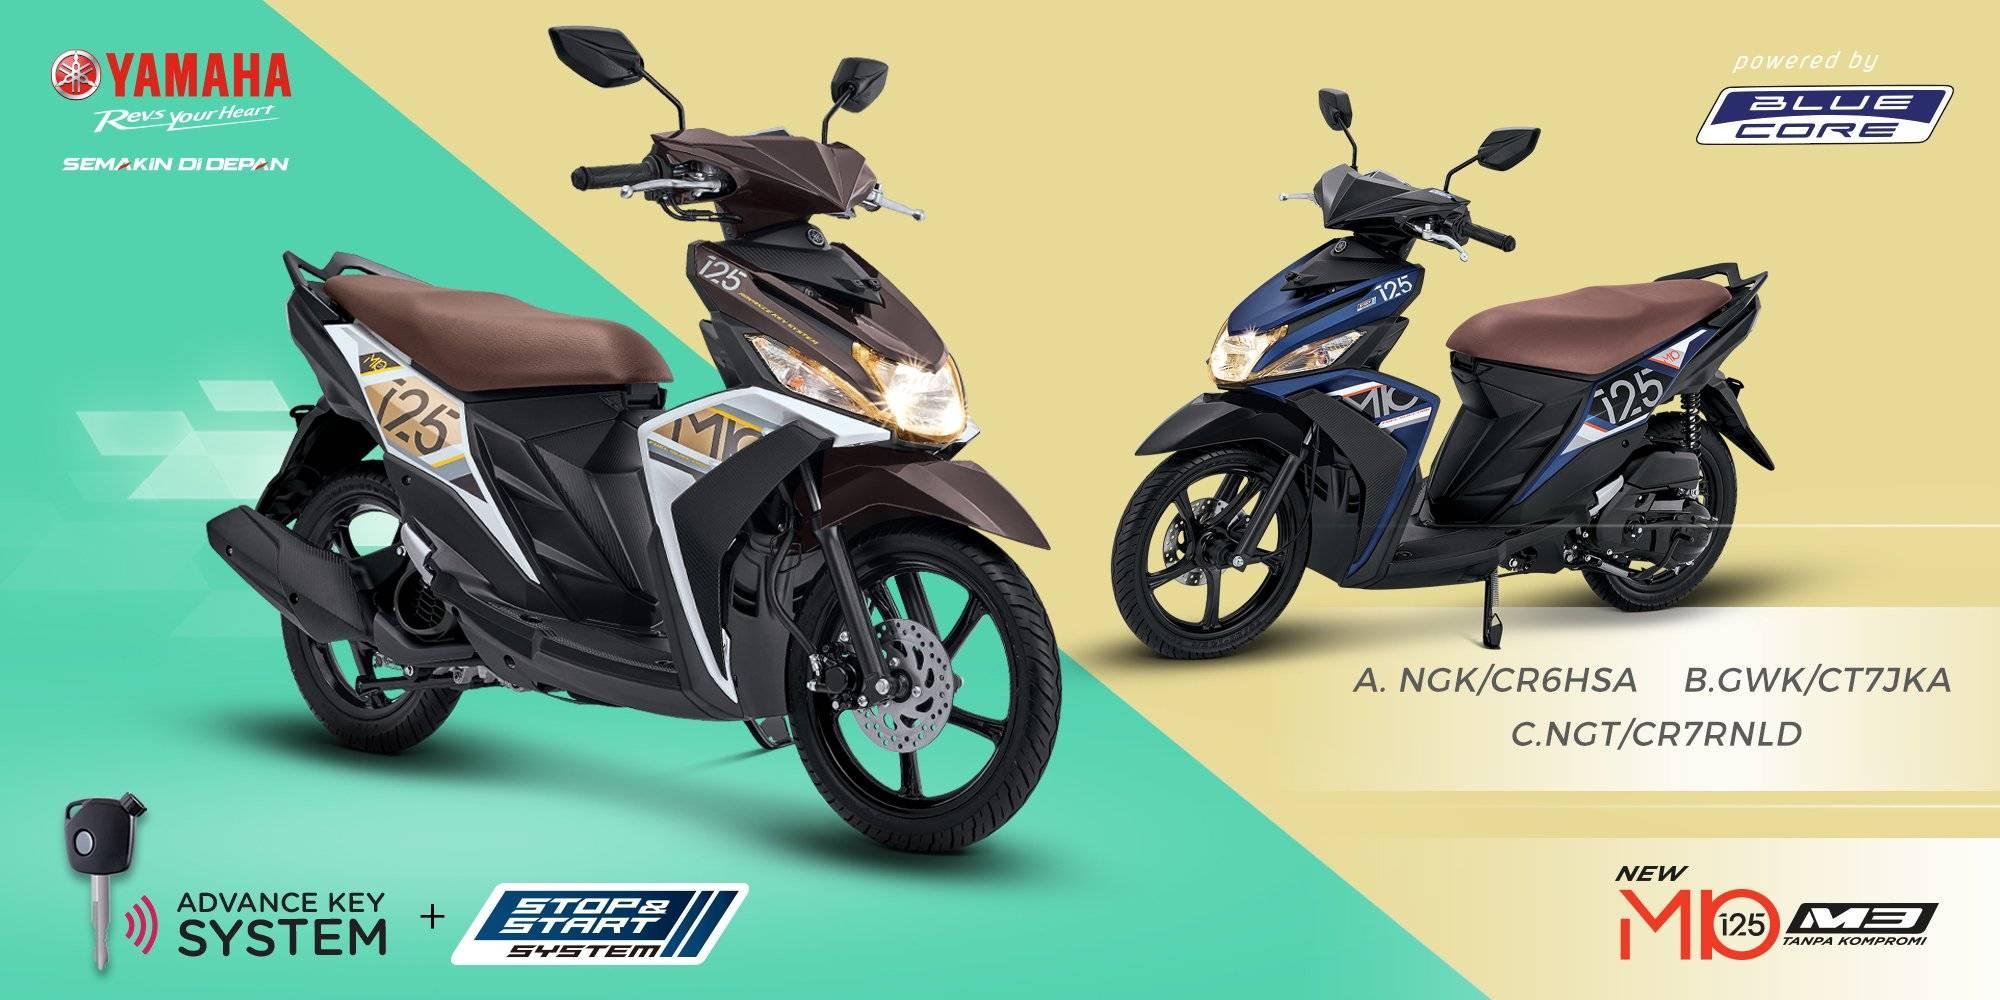 Foto Warna dan Spesifikasi Yamaha MIO M3 125 2017 Sudah AKS dan SSS… Harga Rp 15,6 Jutaan ...